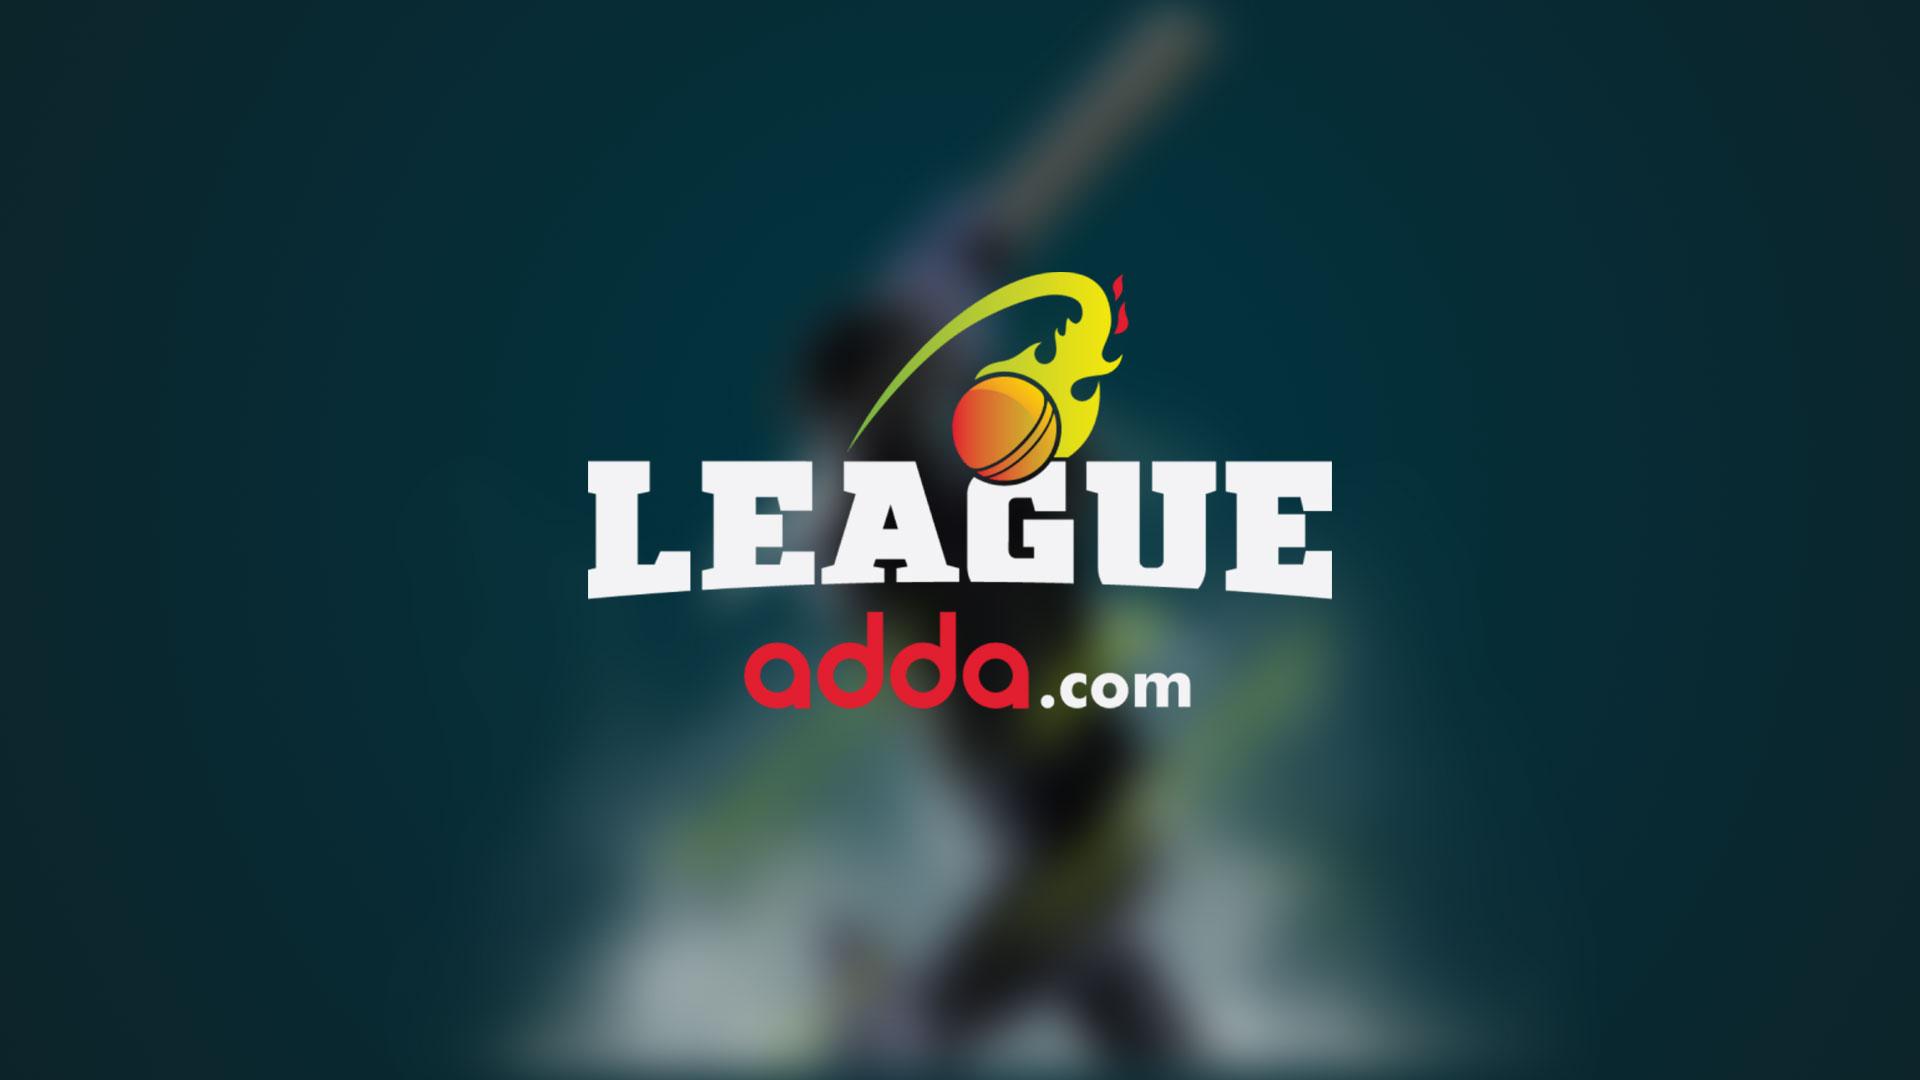 League_Adda_Feat